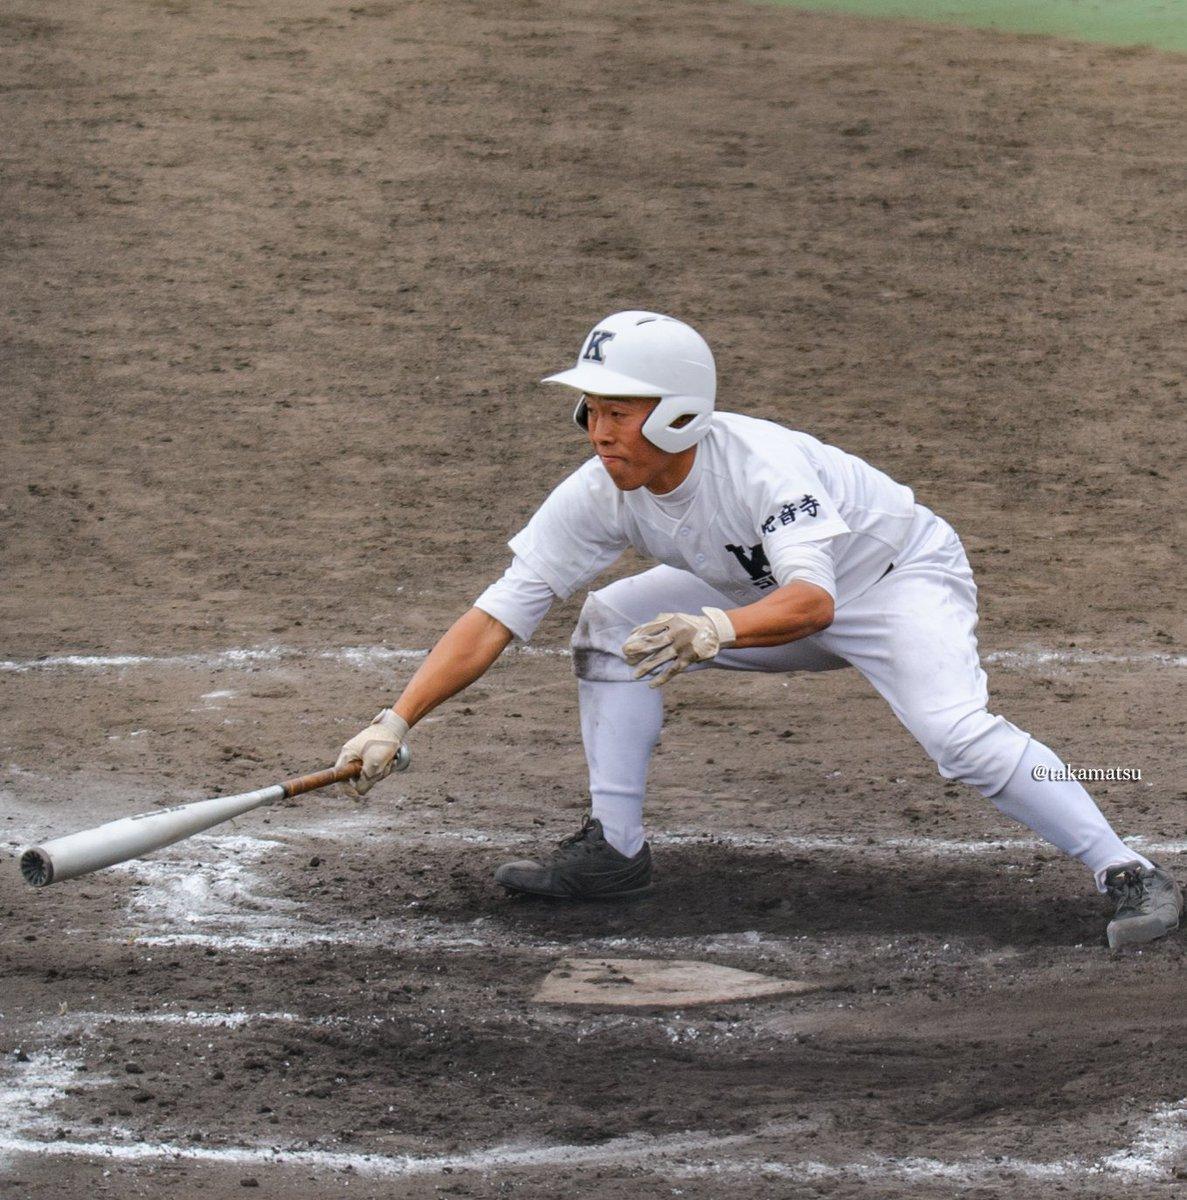 高校 爆 県 サイ 野球 香川